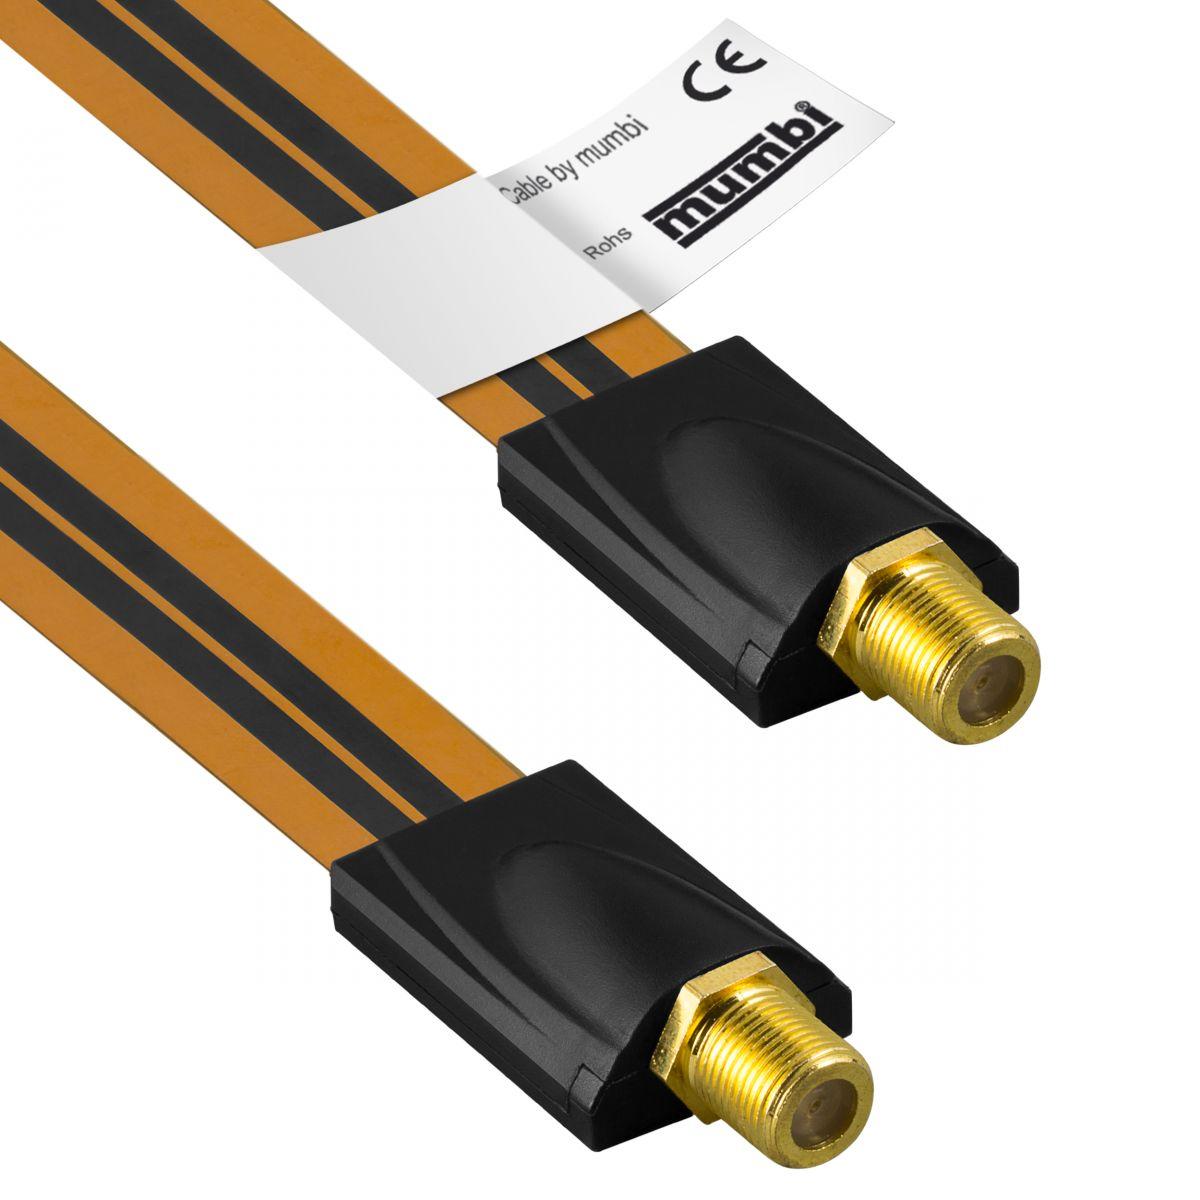 mumbi sat kabel fensterdurchf hrung antennenkabel 2x f buchse extrem flach ebay. Black Bedroom Furniture Sets. Home Design Ideas